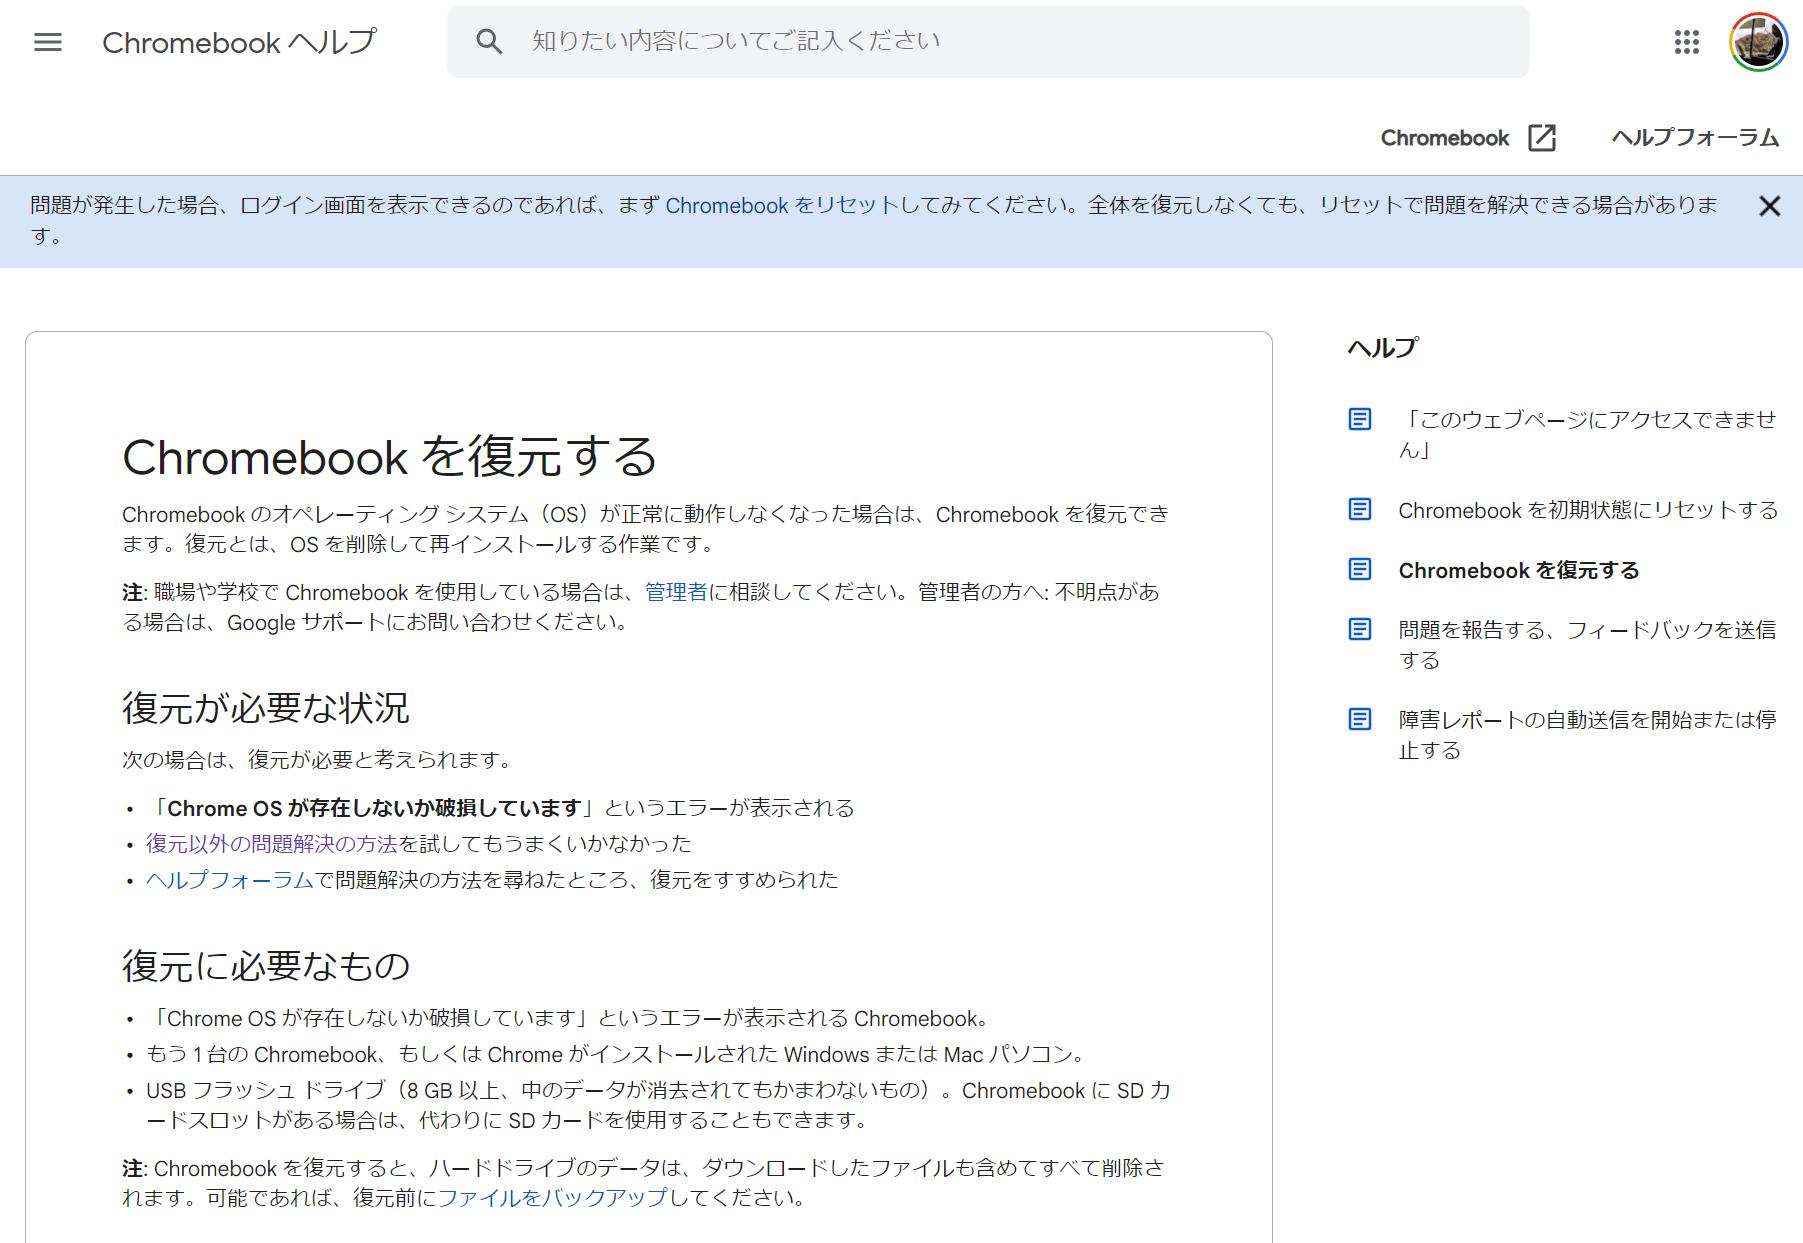 [かぶ] ASUS Chromebook Detachable CZ1でアップデート出来ない不具合が発生中。対策方法とリカバリモードに移行する際の注意点。